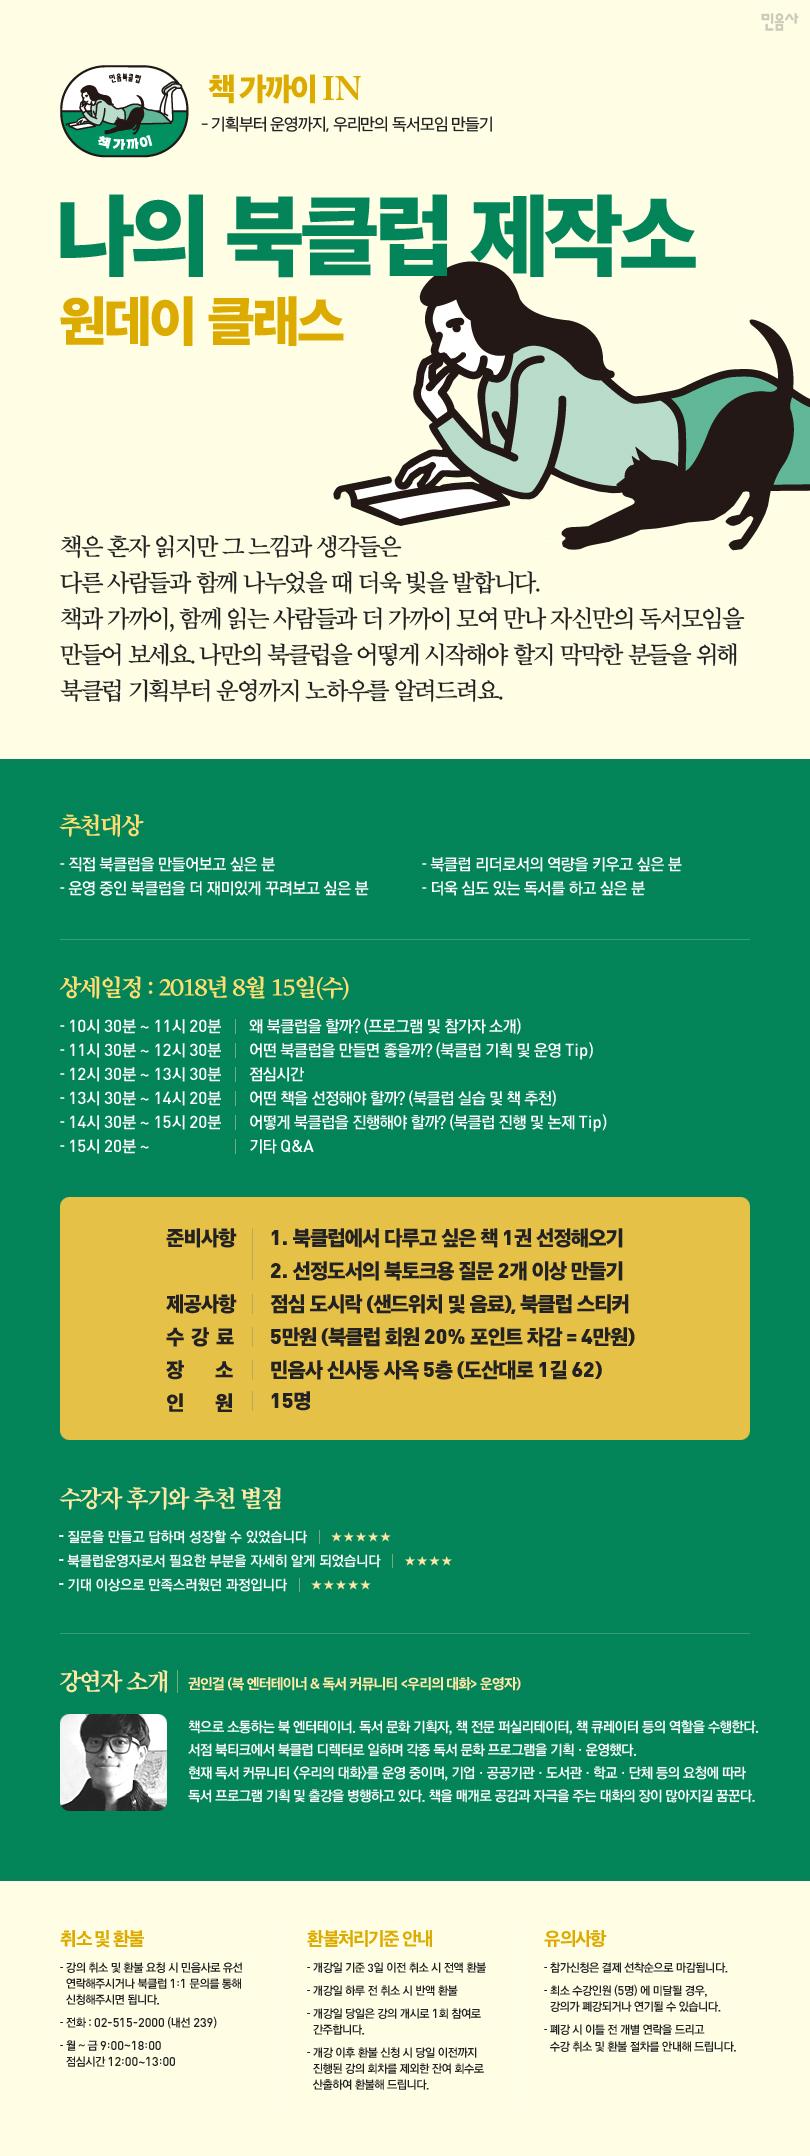 민음사_책가까이_나의북클럽제작소_02 (2)